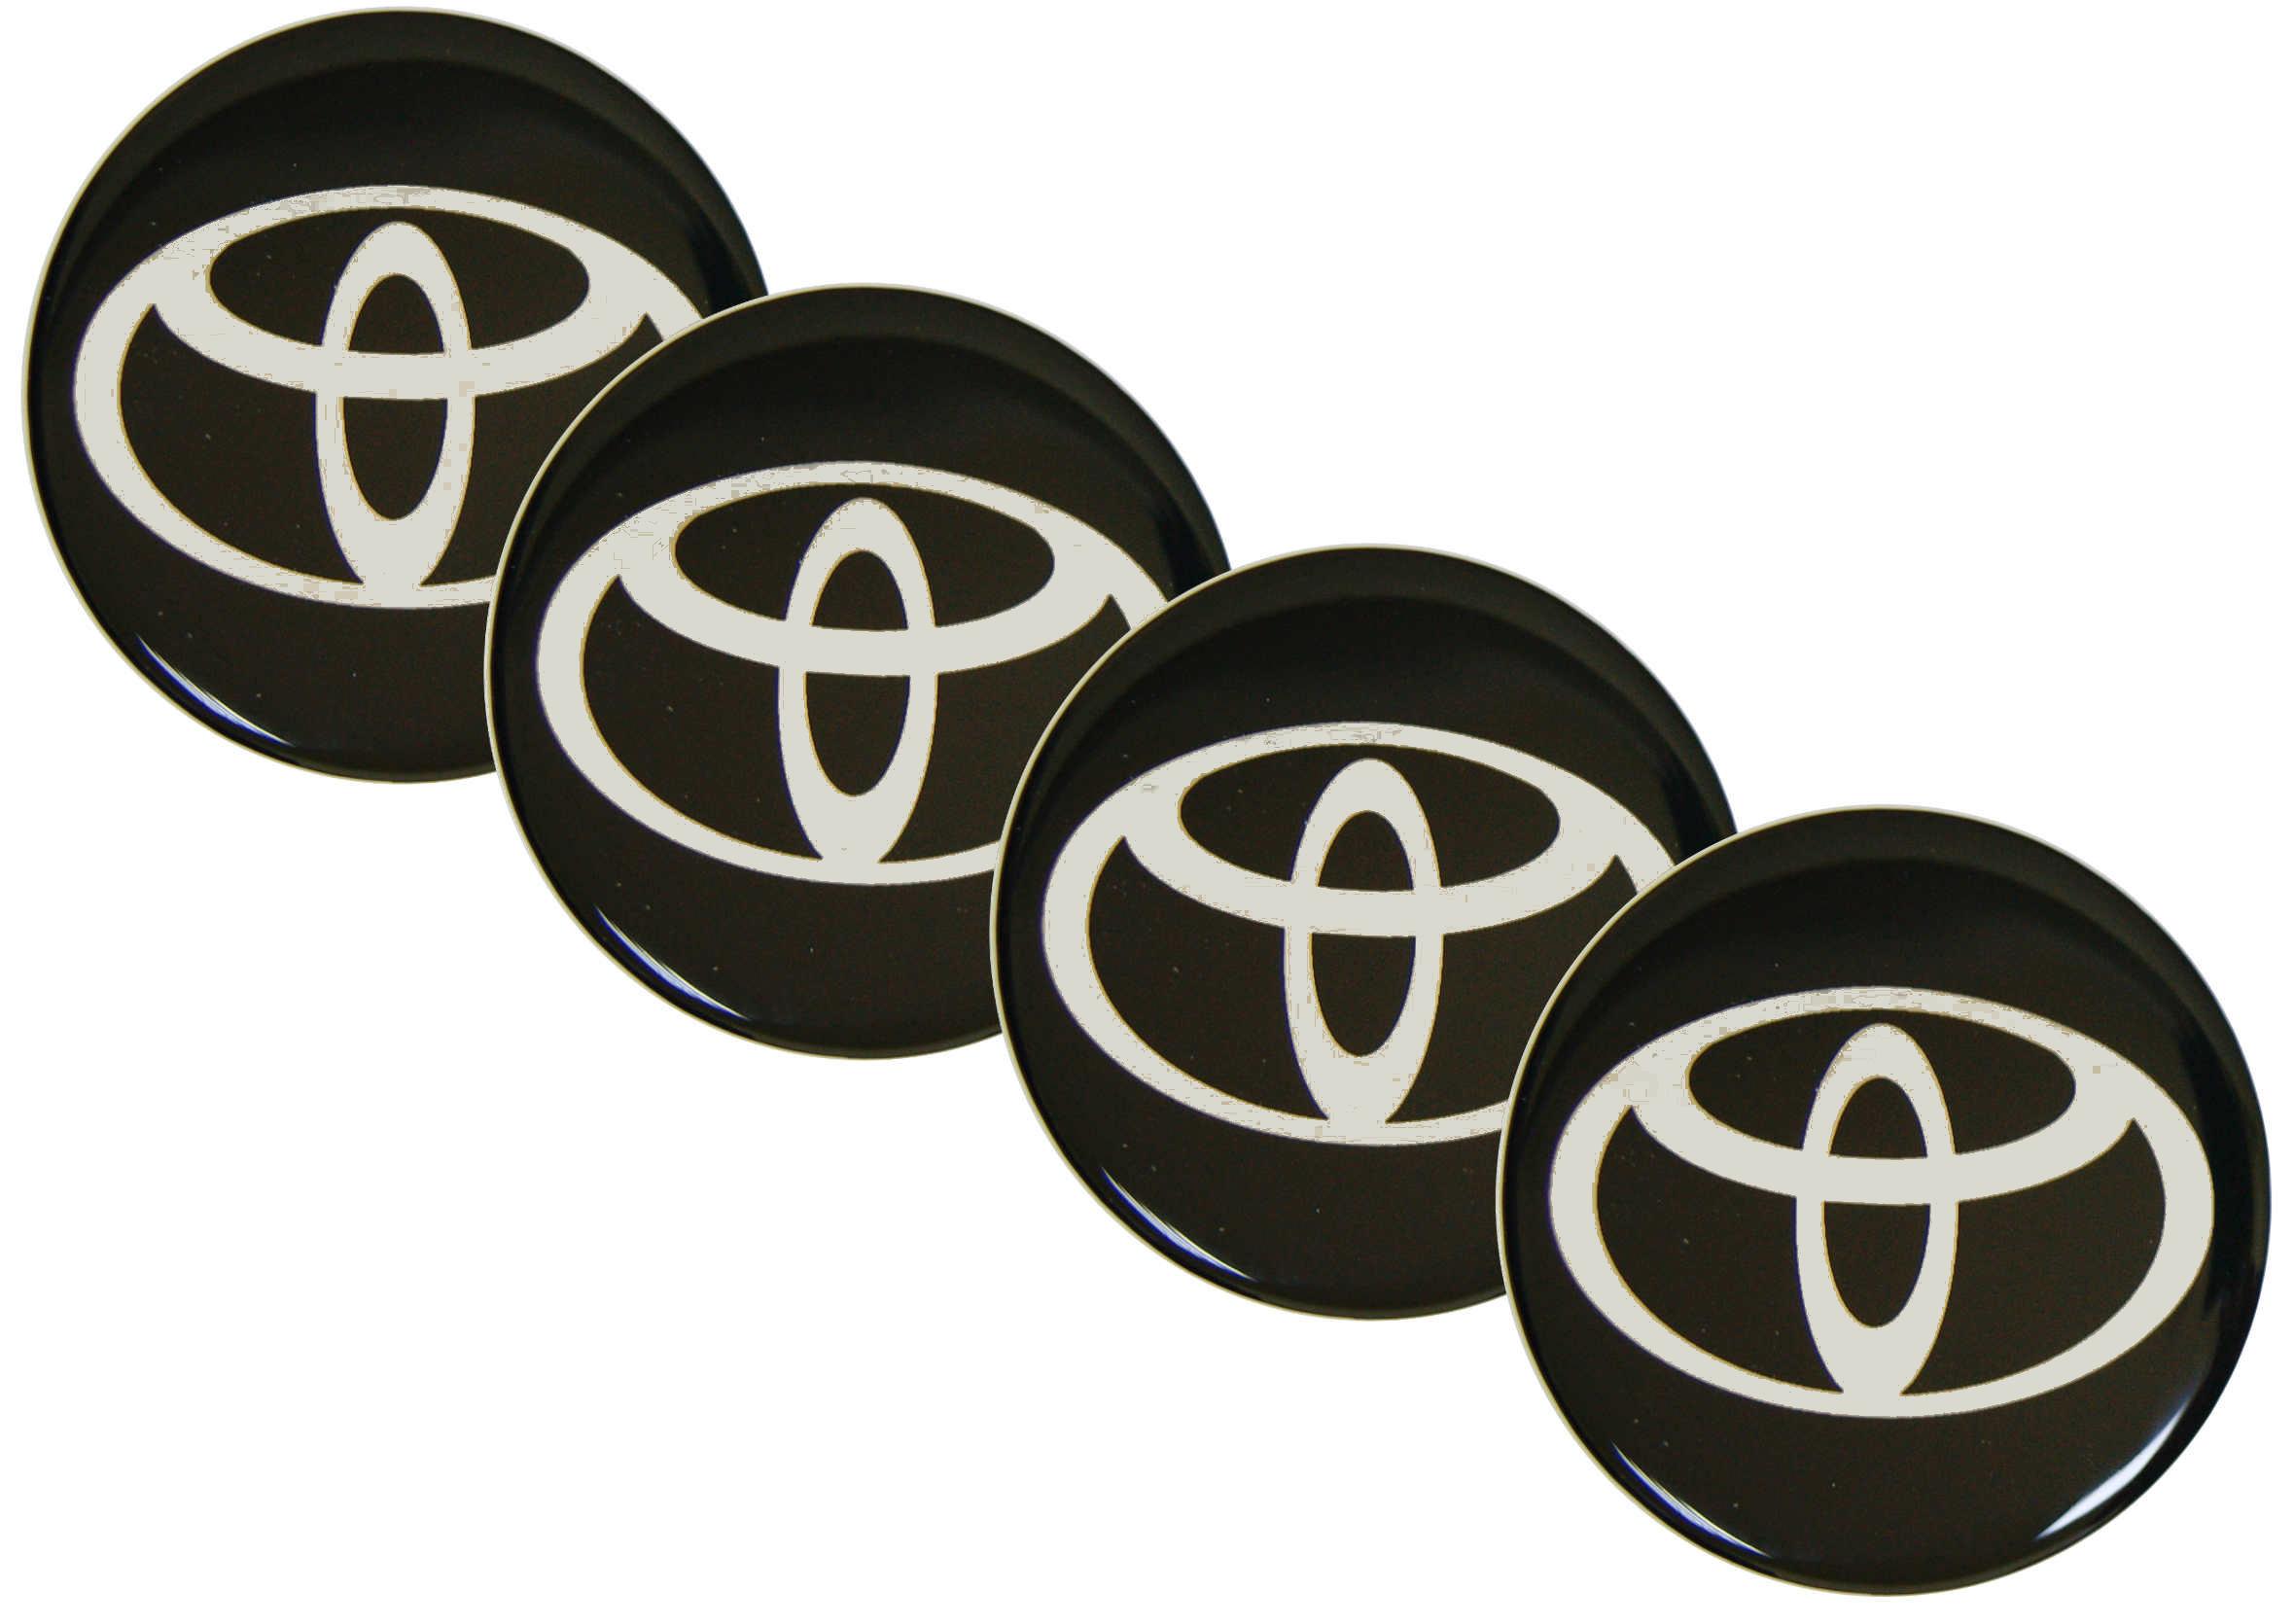 Naklejki wypukłe Emblematy Toyota 70 mm 4szt